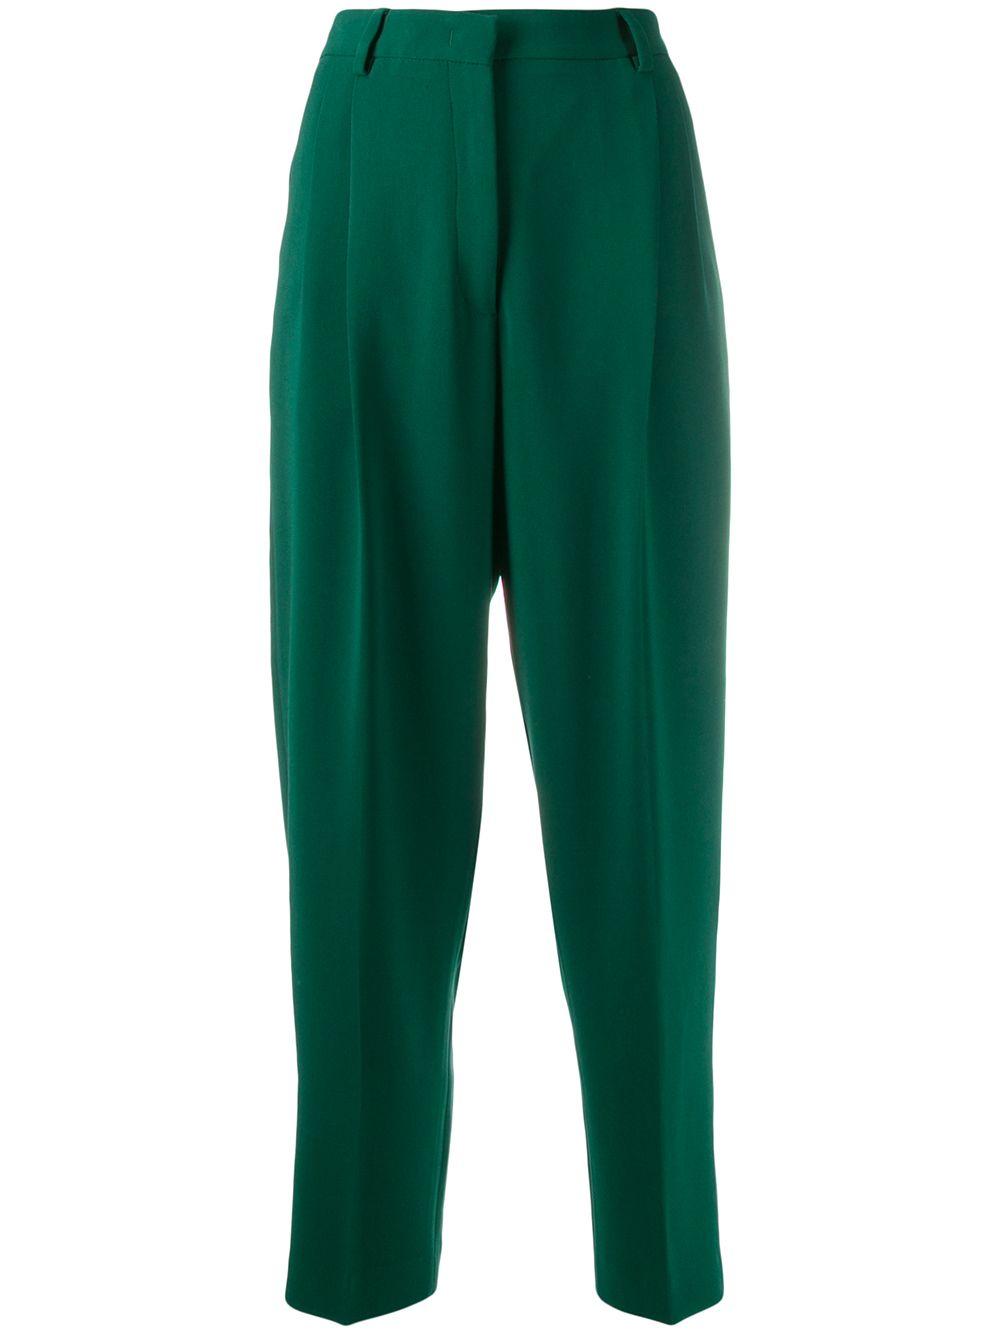 Pantaloni verdi a vita alta ALBERTO BIANI | Pantaloni | CC802-AC003072